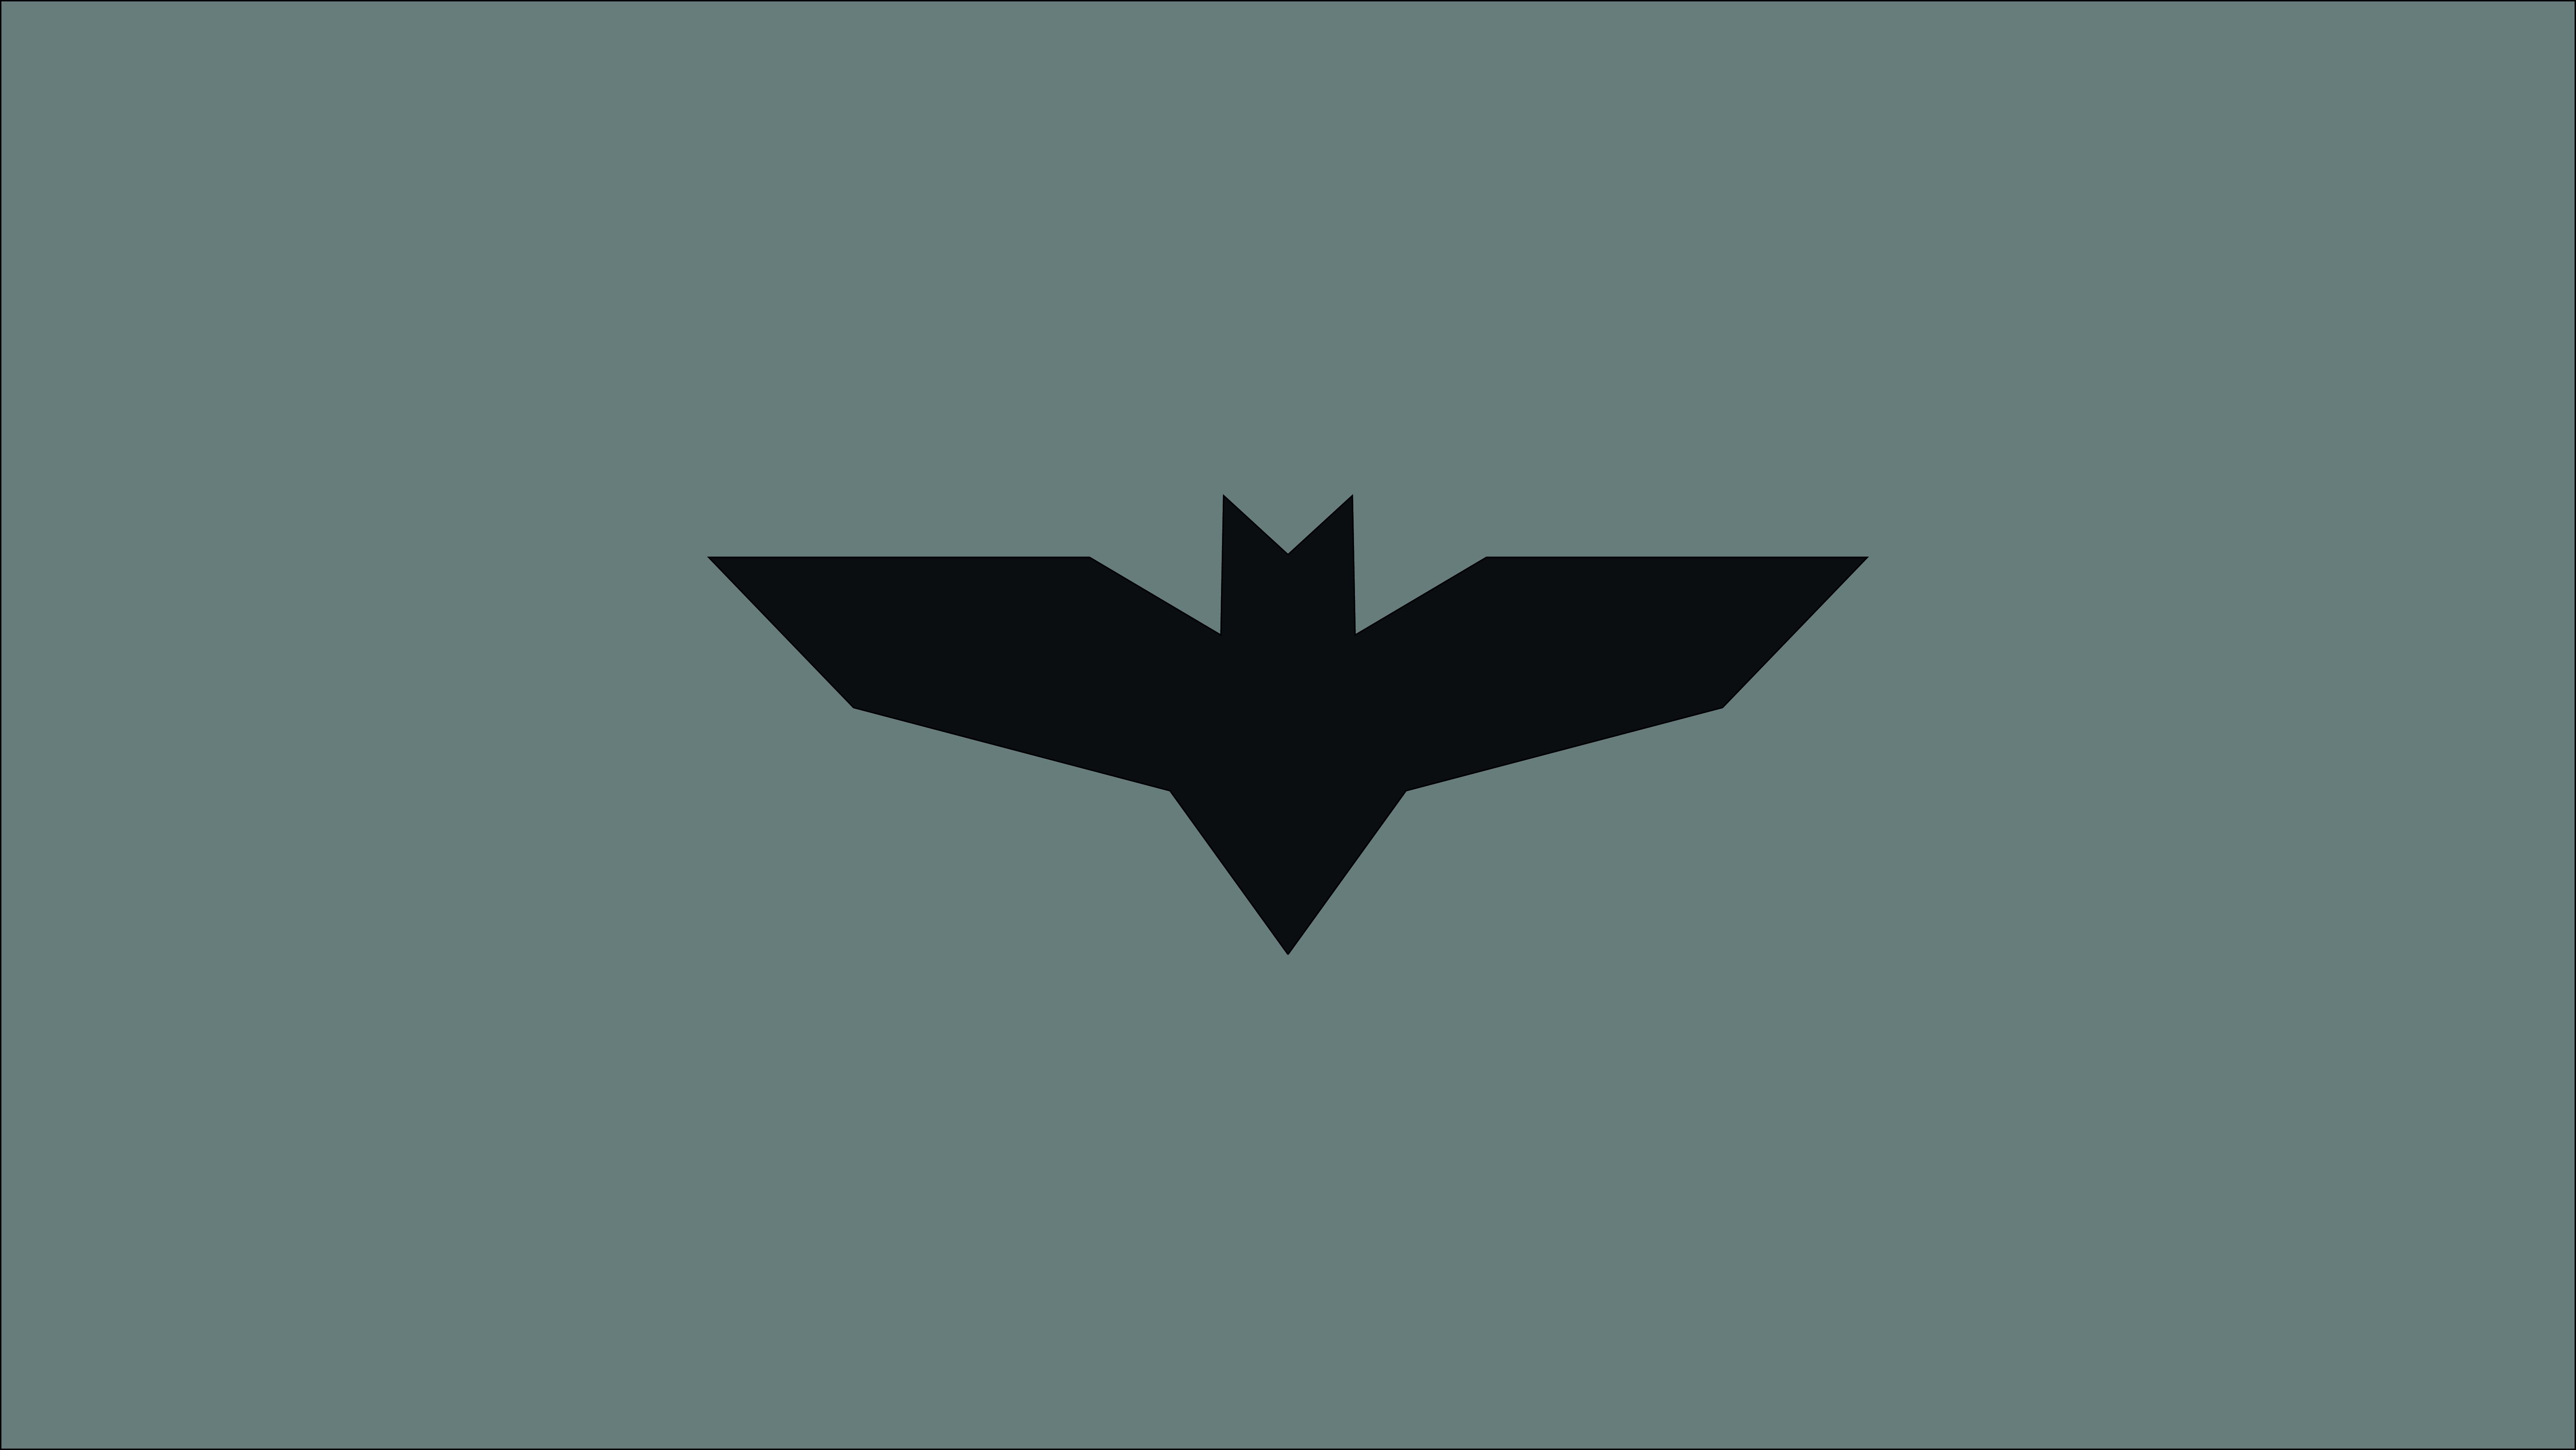 デスクトップ壁紙 スーパーヒーロー Dcコミック バットマンのロゴ